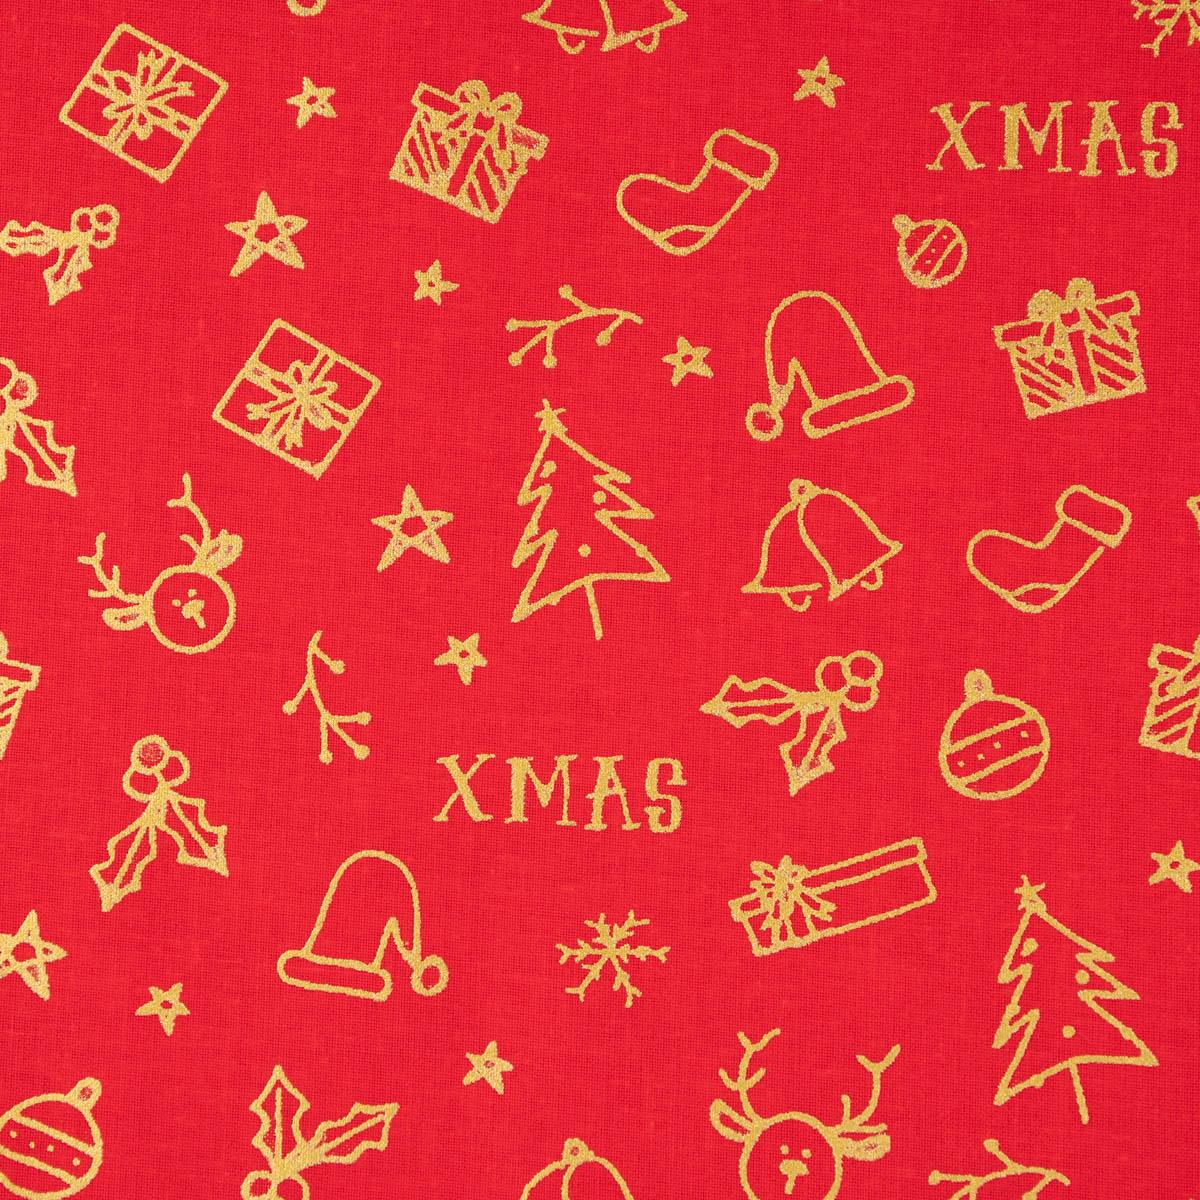 Baumwollstoff GOTS Popeline Weihnachten XMAS Tannenbaum Geschenk rot goldfarbig 1,45m Breite